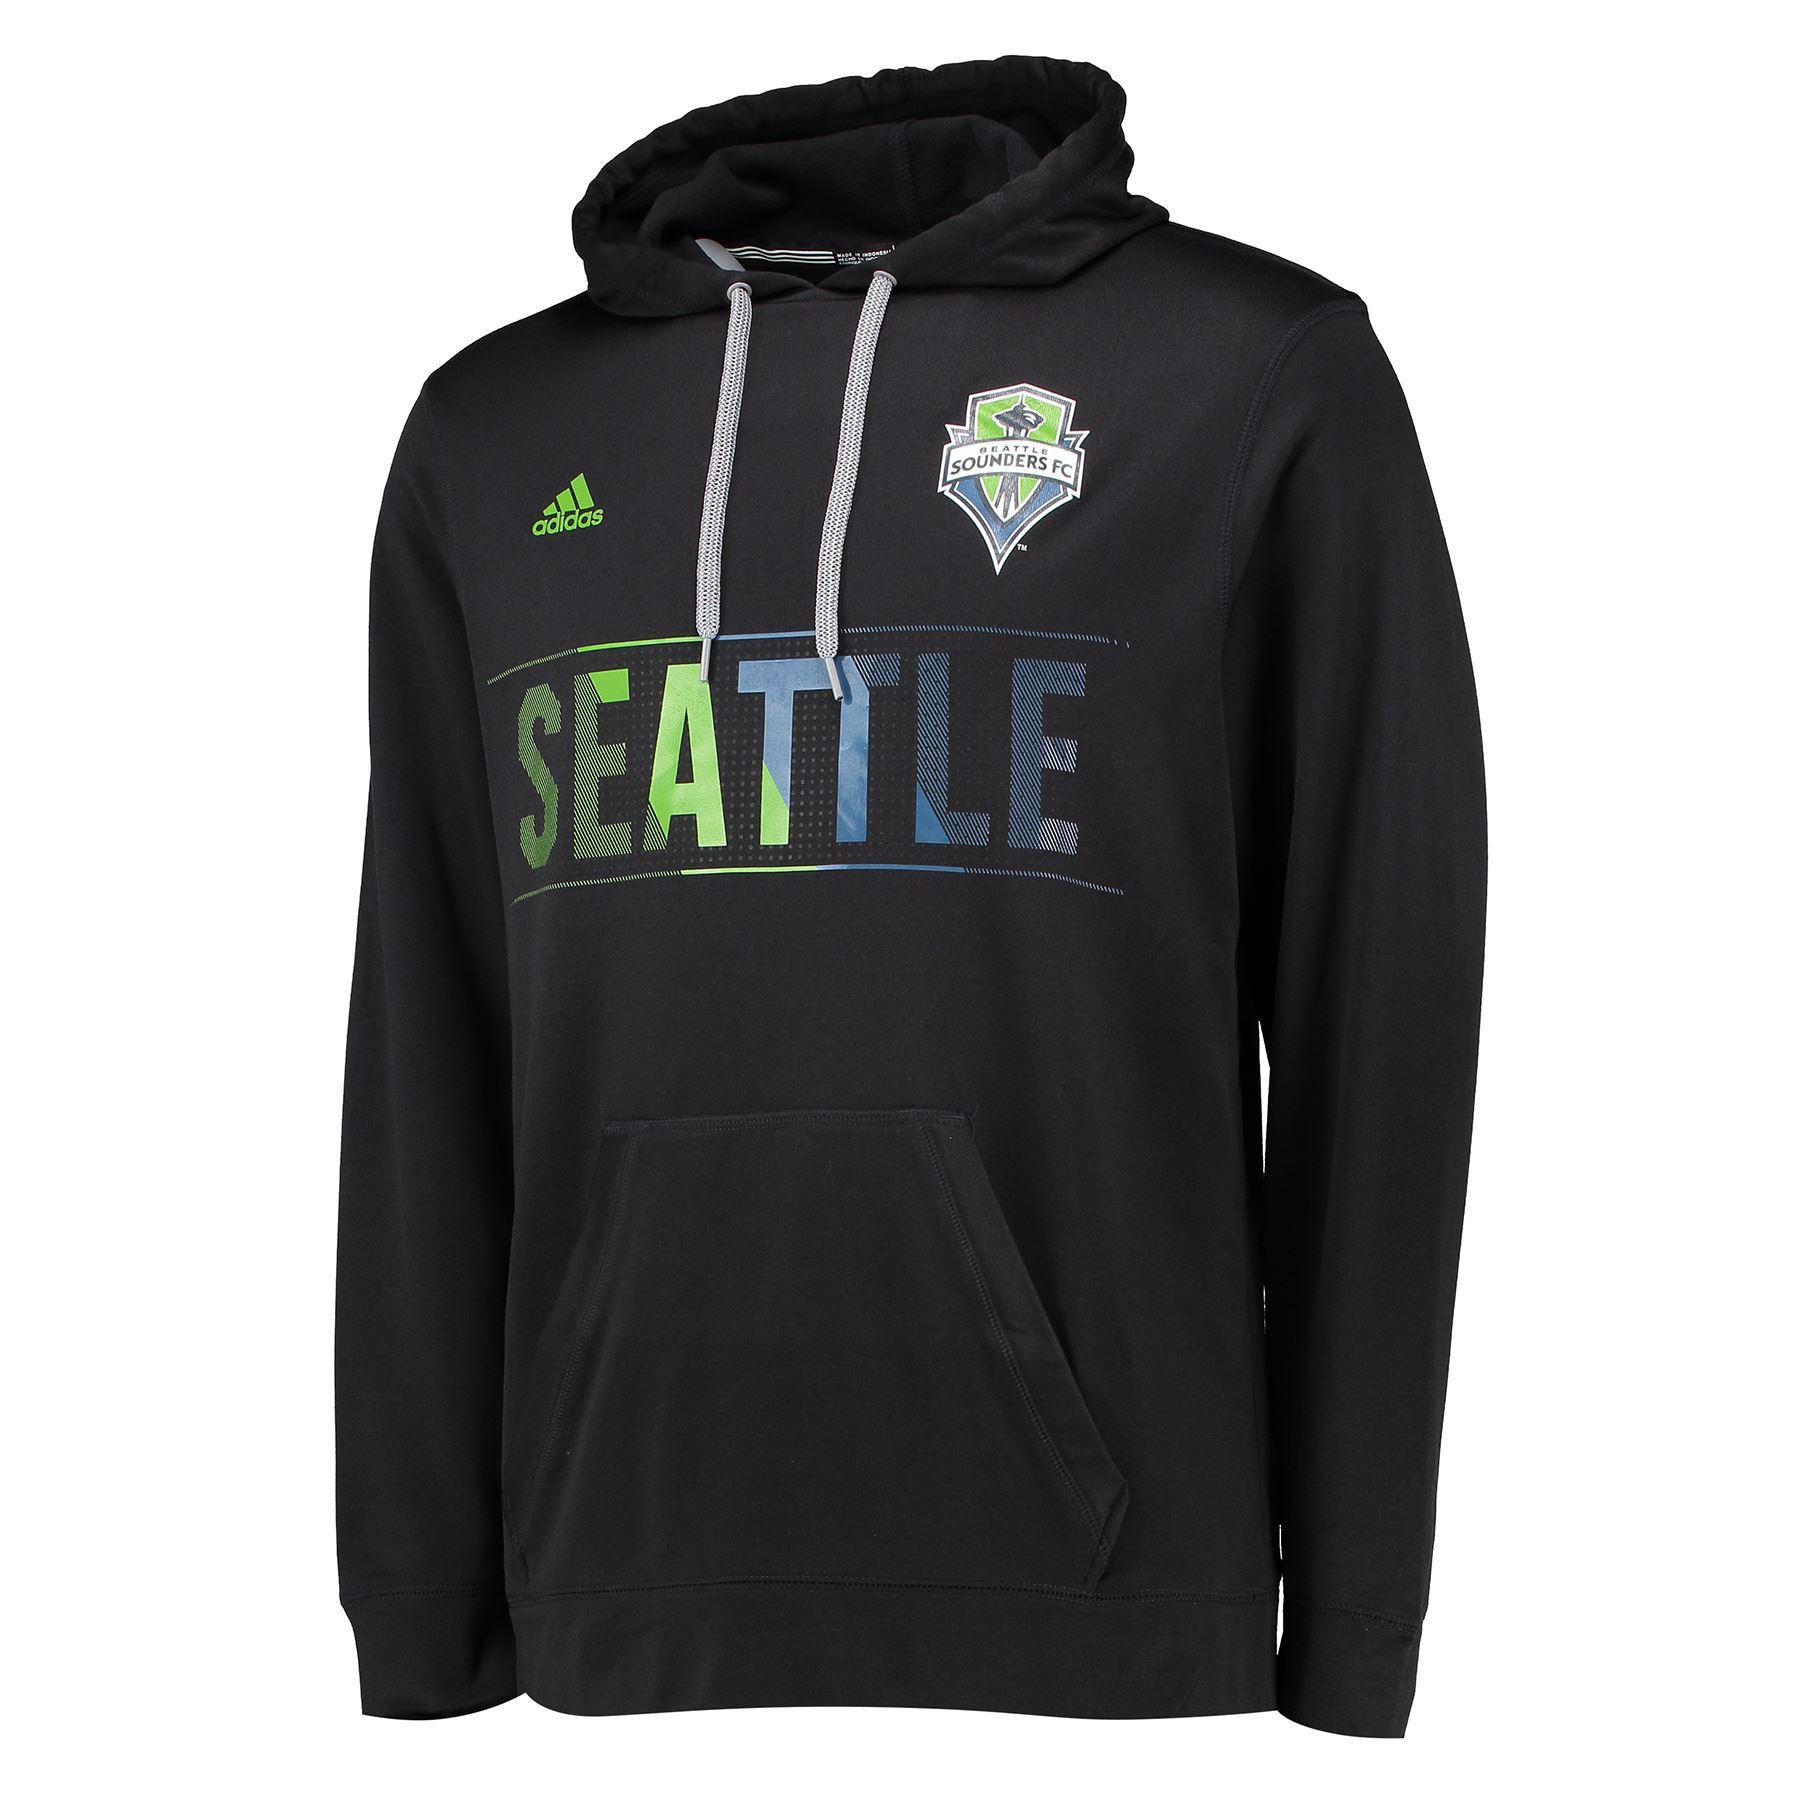 Sounders hoodie